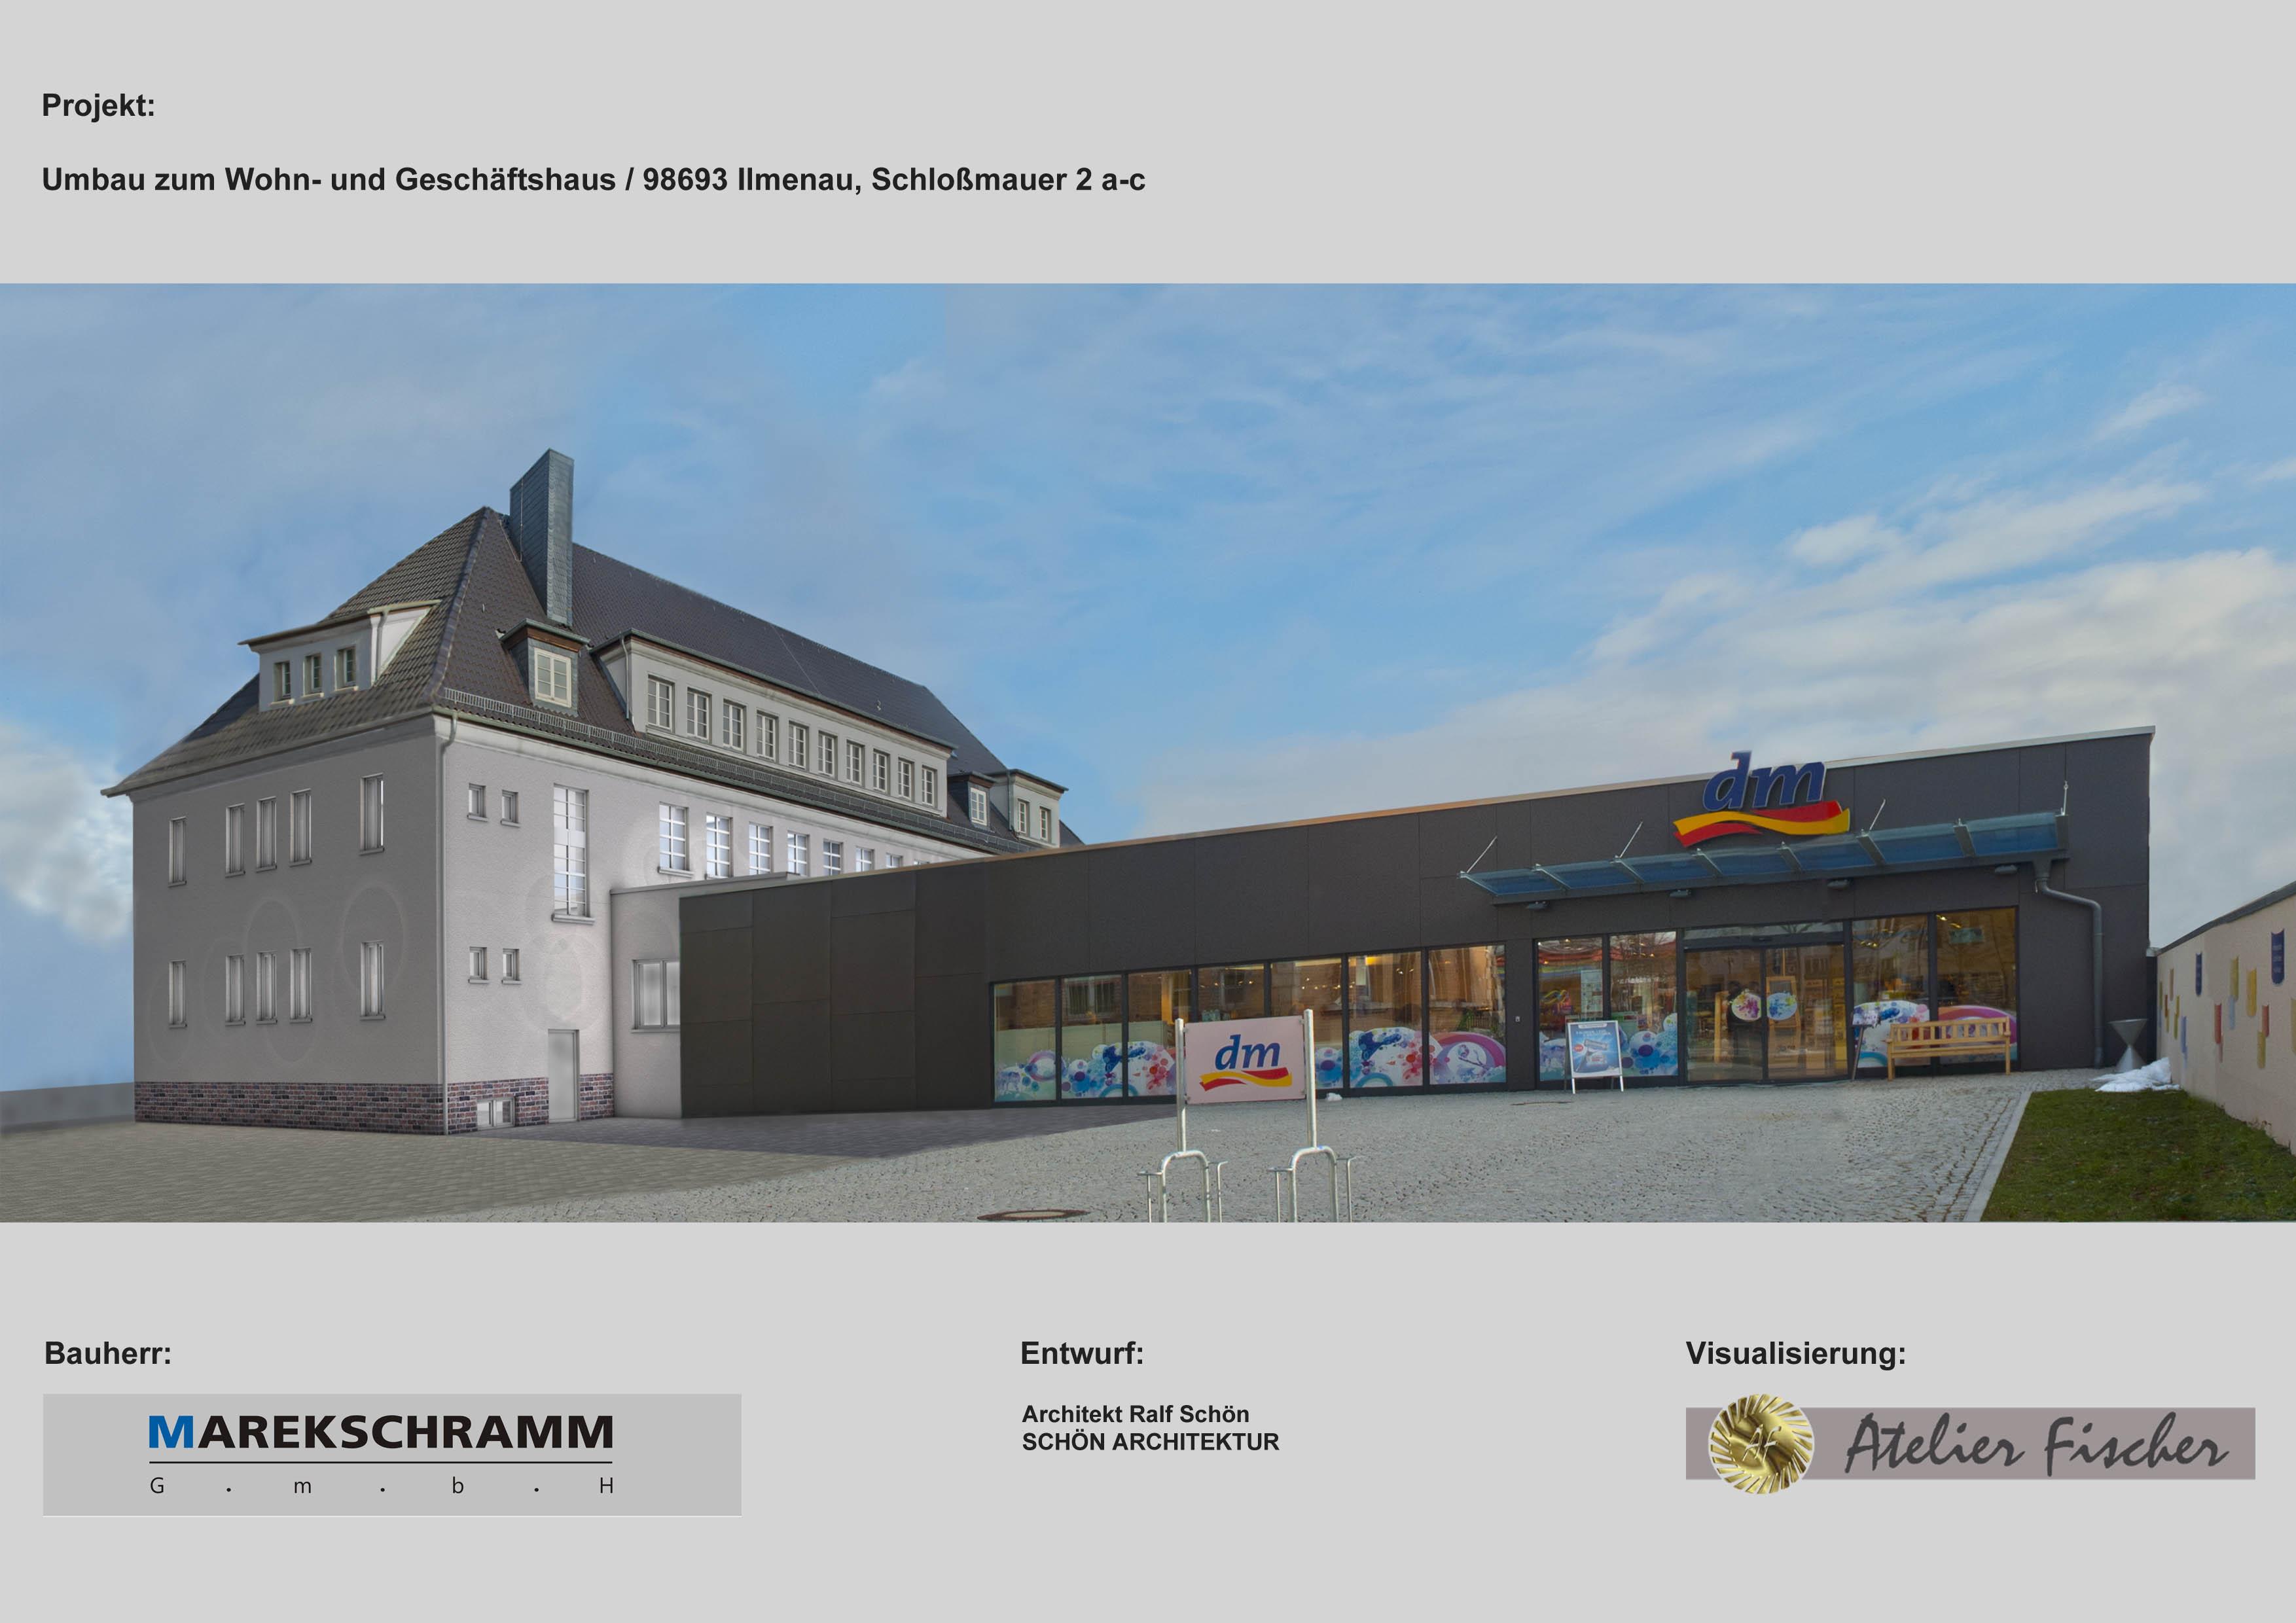 Umbau zum Wohn- und Geschäftshaus / Ilmenau